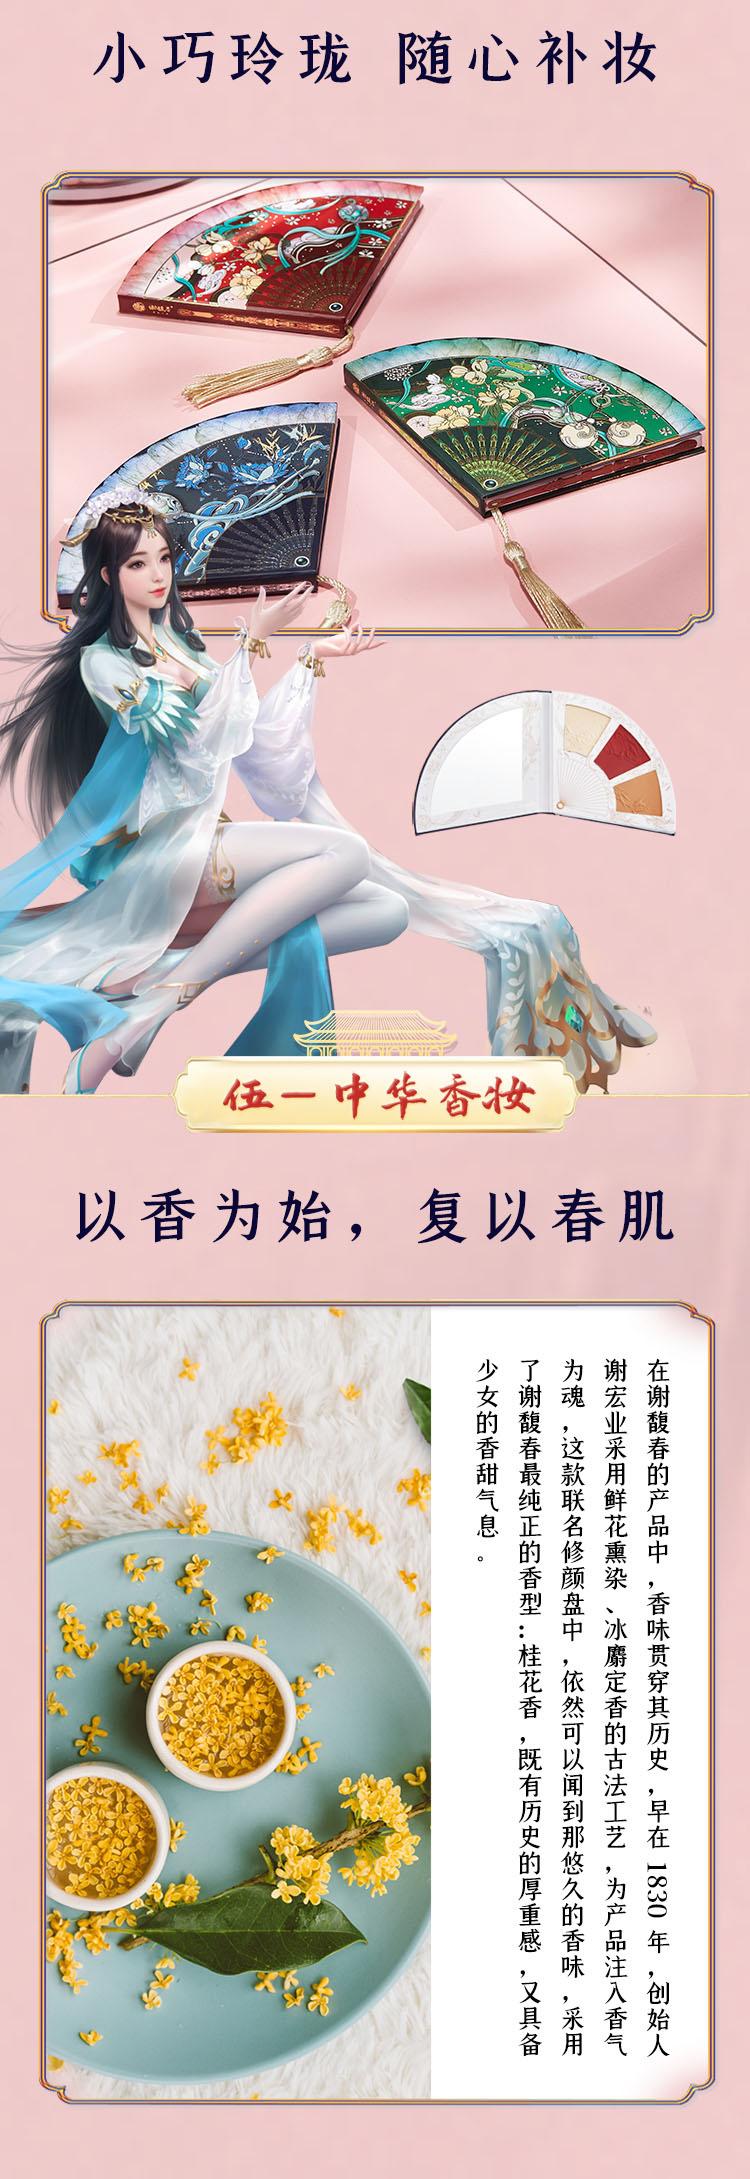 诛仙内页5.jpg